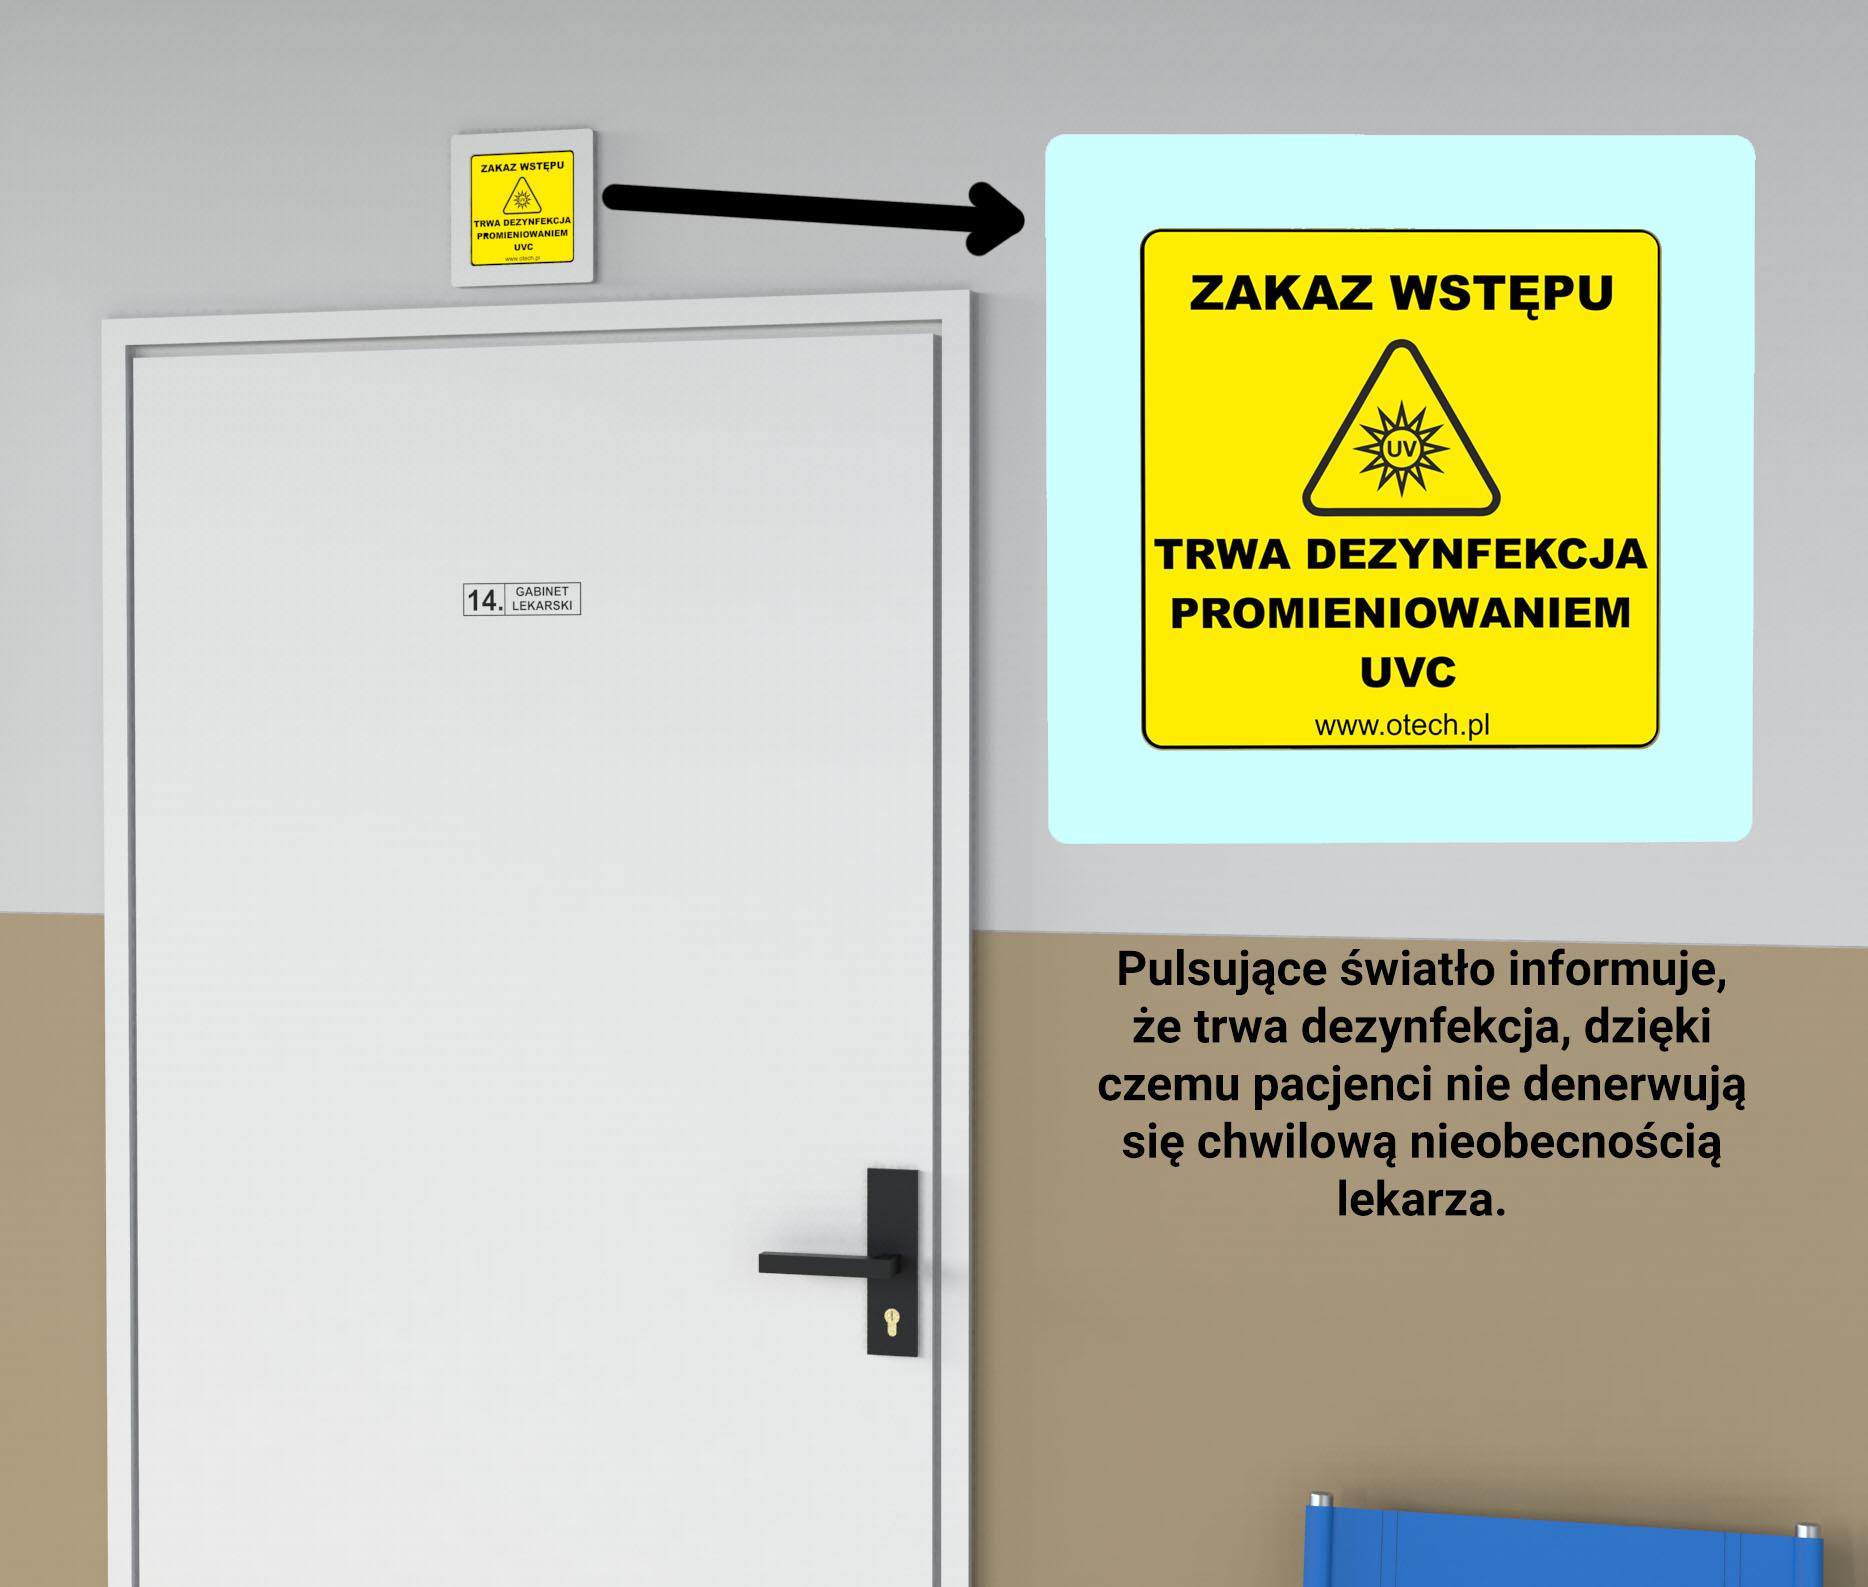 tabliczka ostrzegawcza UVC, gabinet lekarski, przychodnia, szpital, lampy bakteriobójcze, lampy covid, , ochrona koronawirus, dezynfekcja powierzchni, lampy uvc, sterylizator uv, lampa wirusobójcza, sterylizacja medyczna, lampy przepływowe